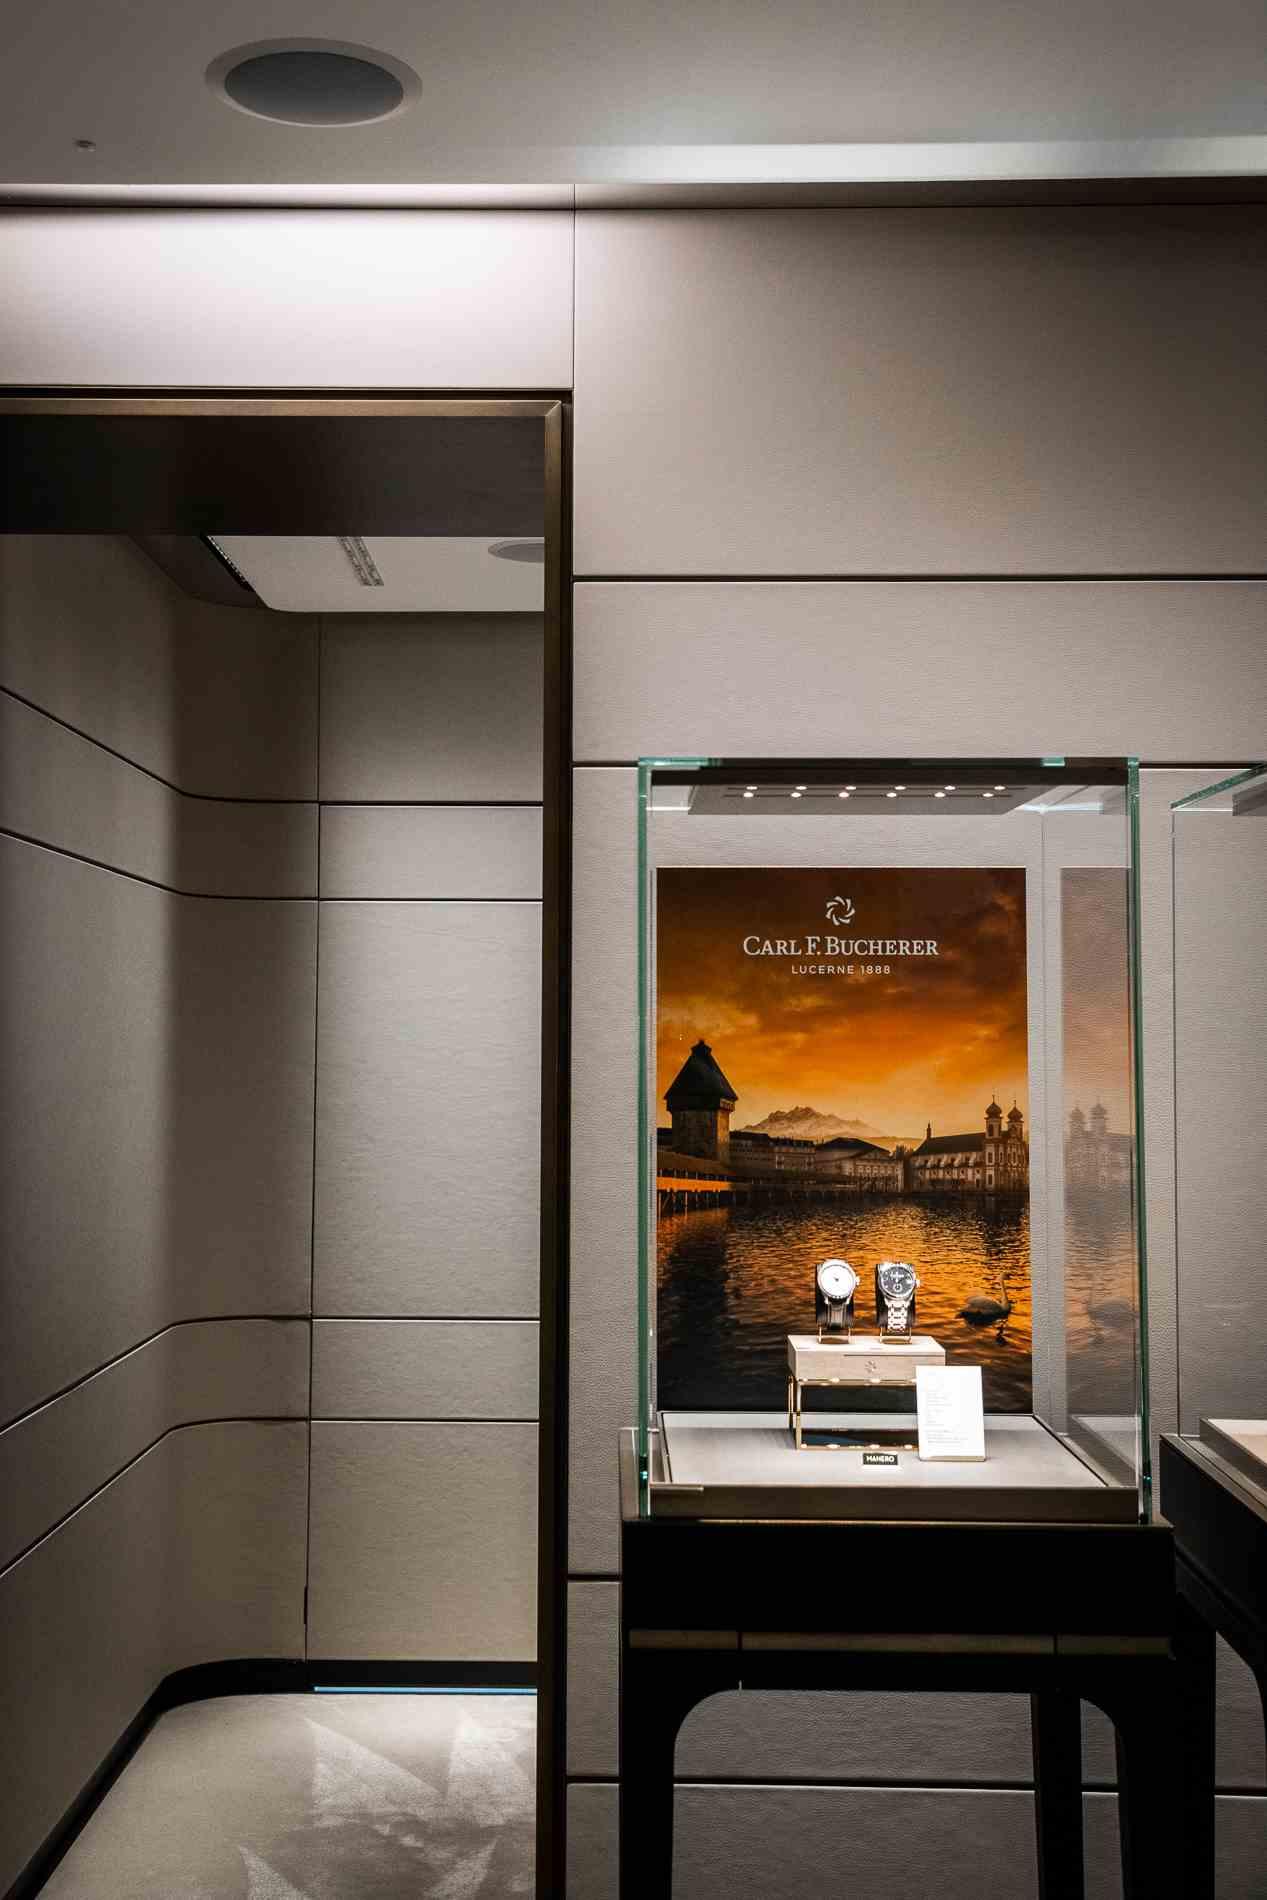 宝齐莱于瑞士日内瓦开启尊享活动 ,新品时计闪耀登场